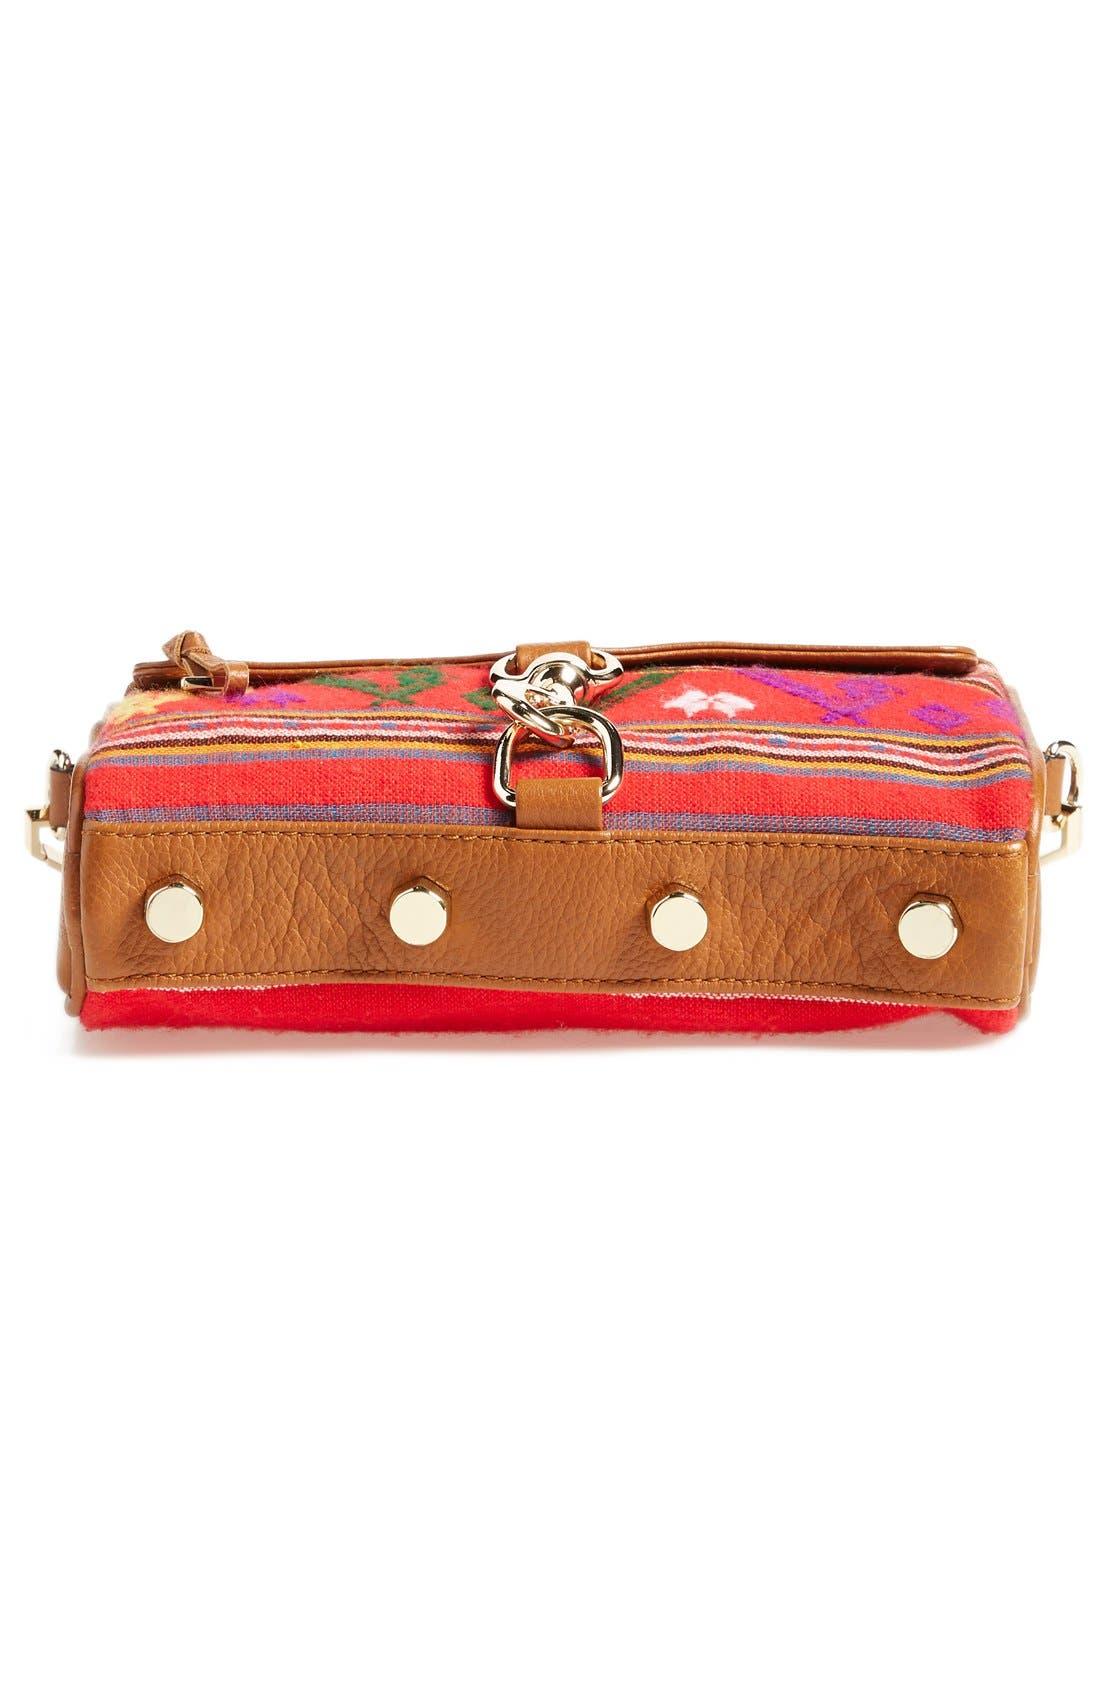 Piece & Co. and Rebecca Minkoff 'Mini MAC' Convertible Crossbody Bag,                             Alternate thumbnail 6, color,                             Orange Multi